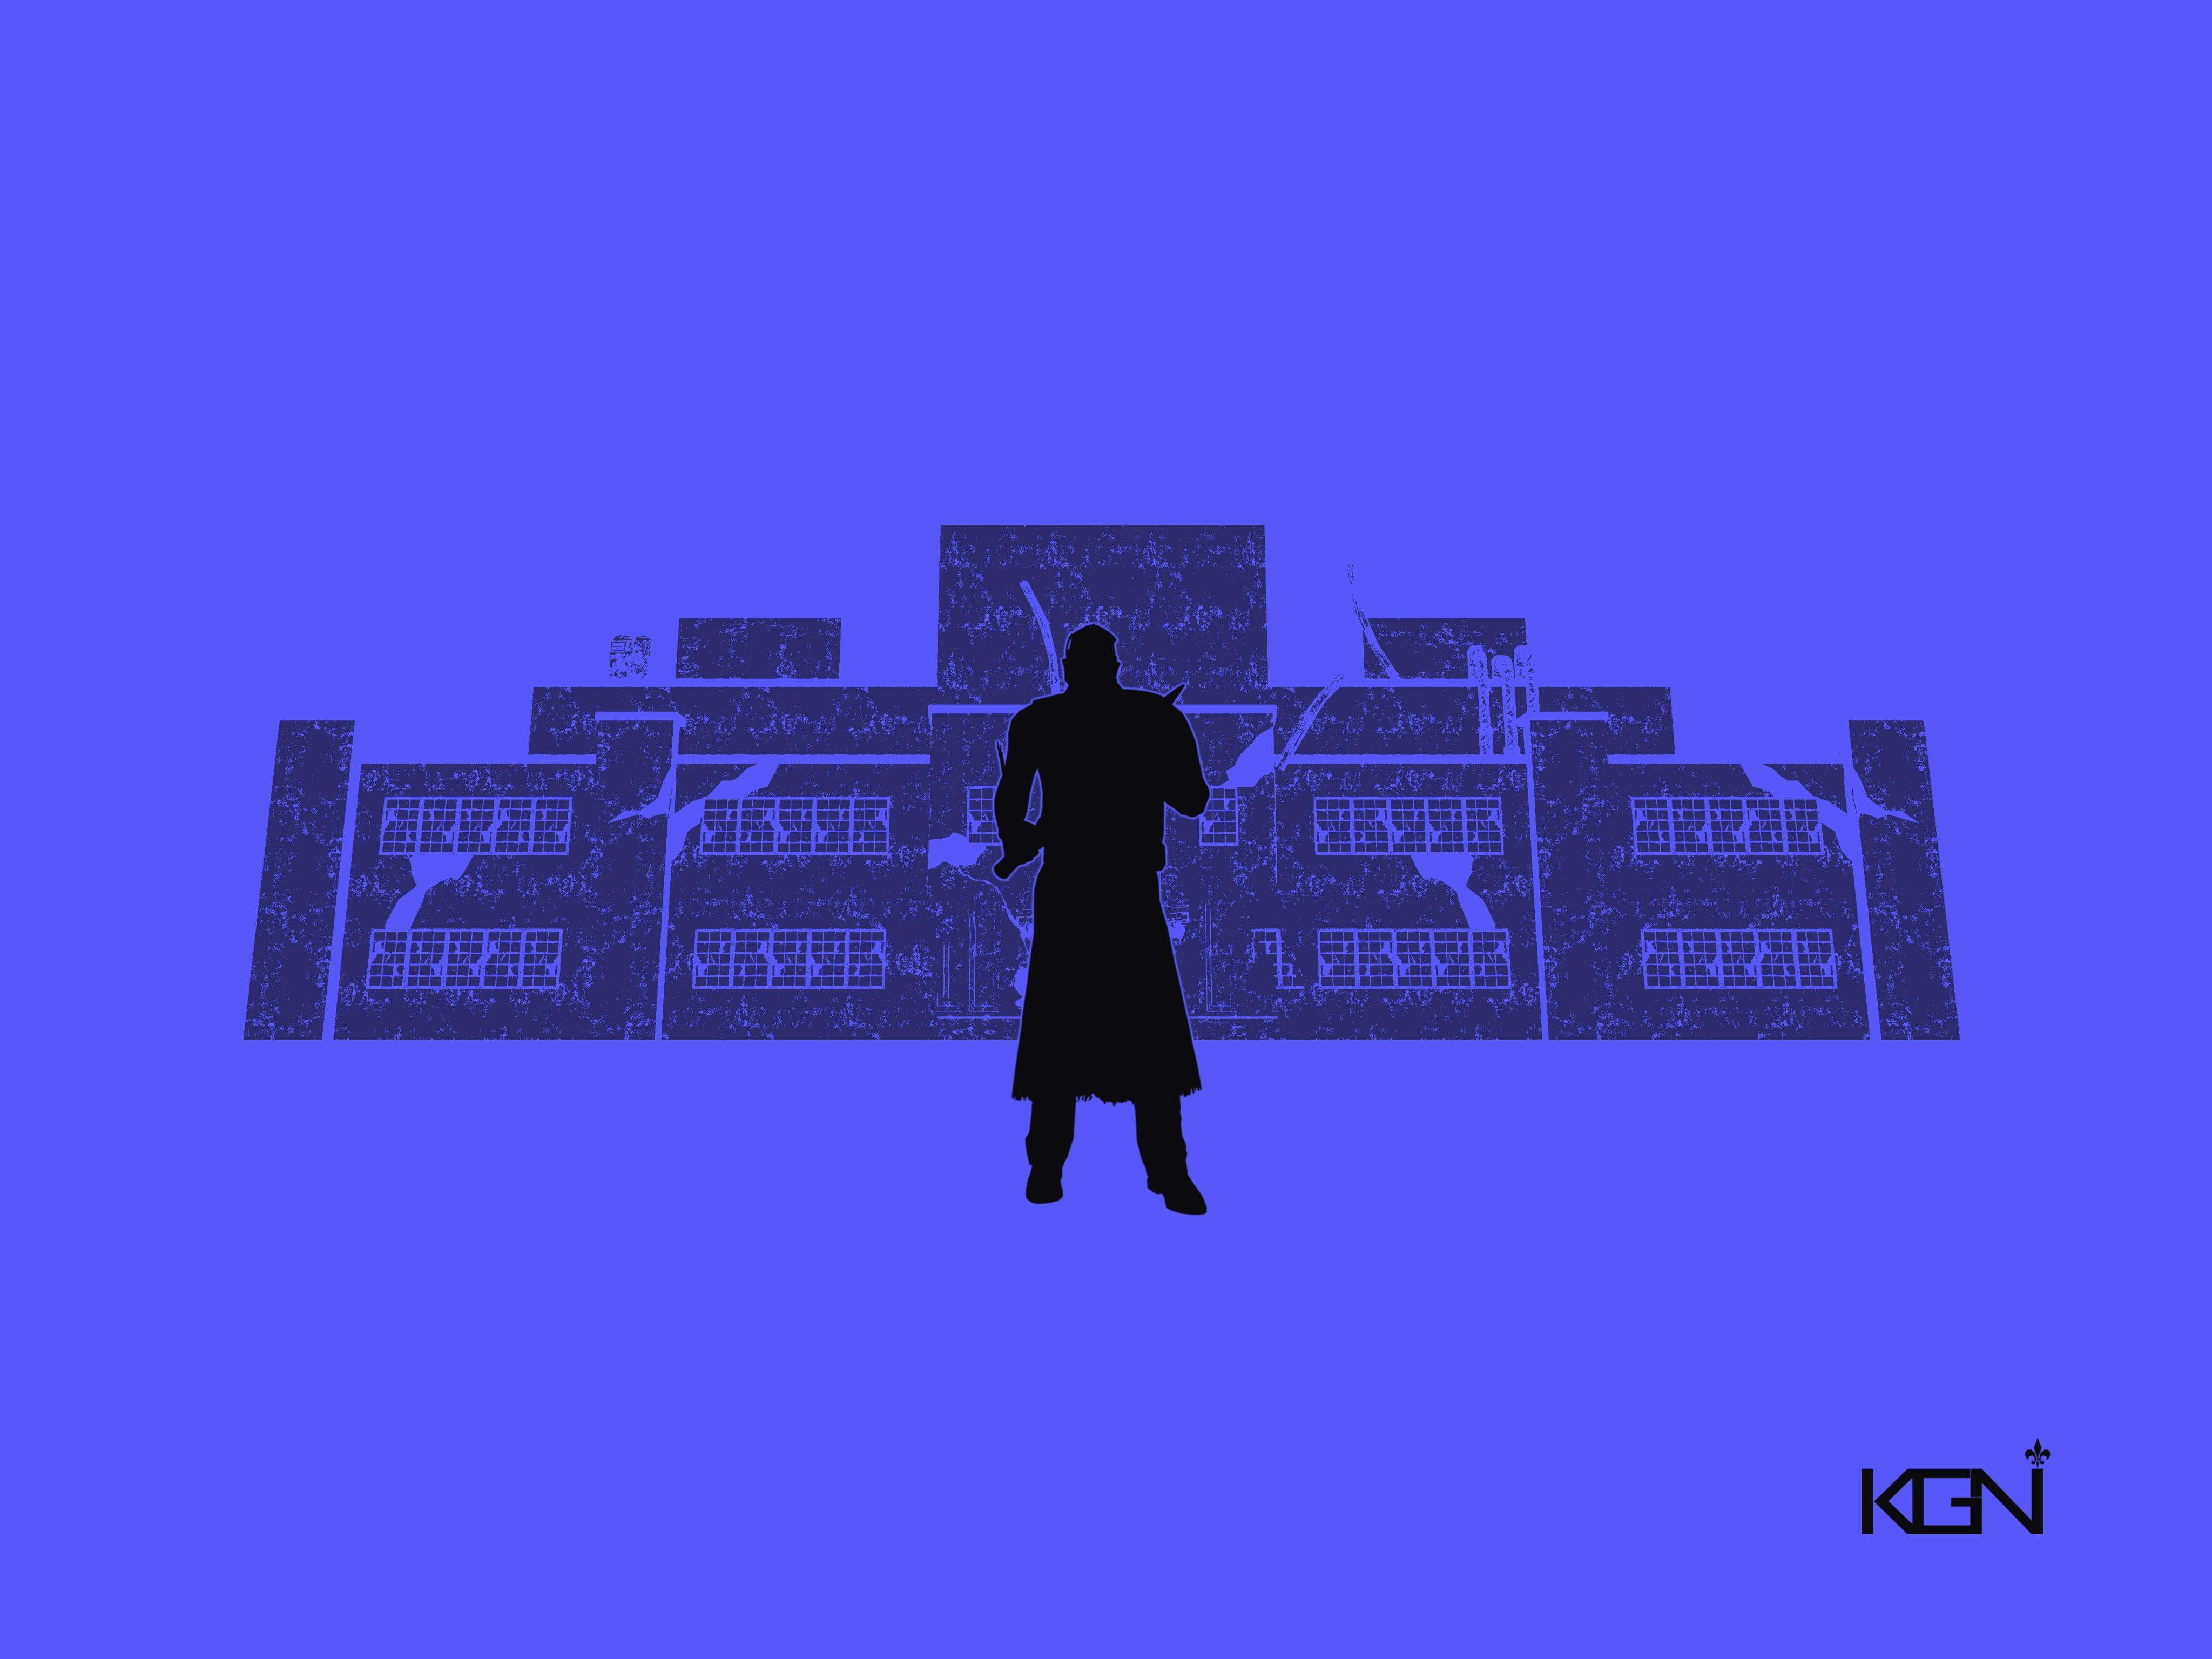 Doctor Minimal Dead By Daylight Game Art Wallpaper Hd